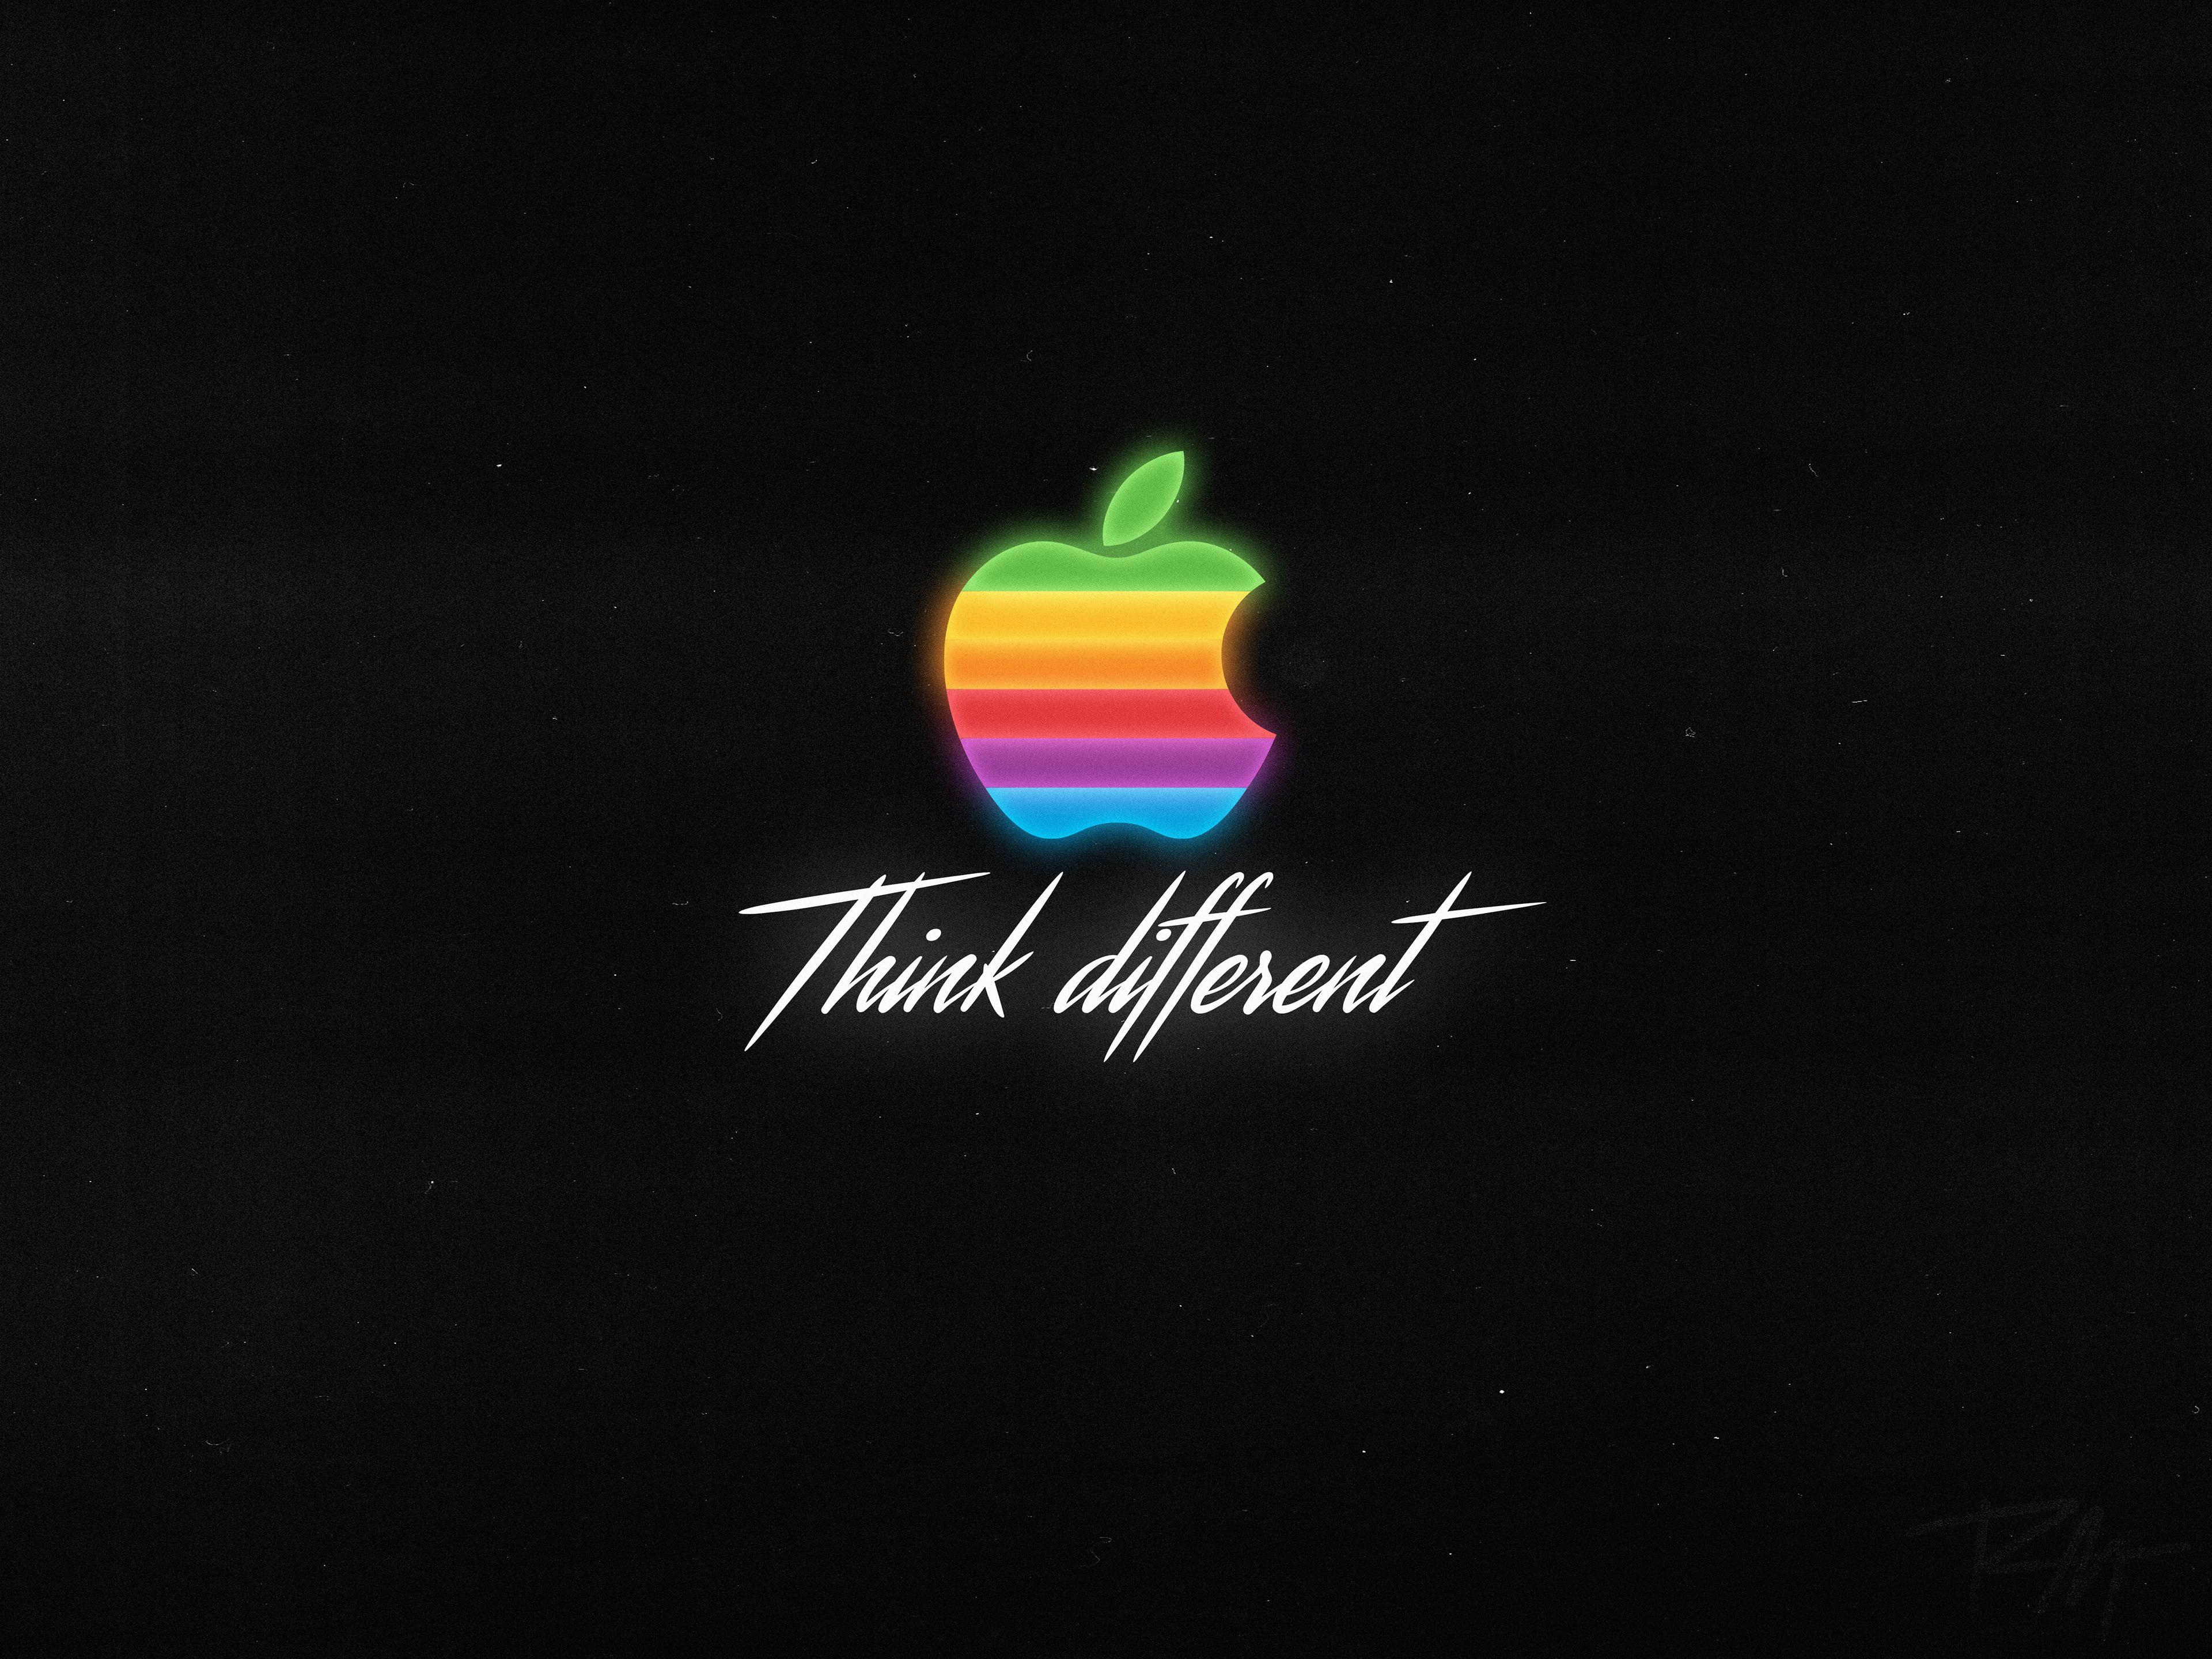 4k Apple Think Different Logo Dark Background 4k Wallpaper Hdwallpaper Desktop Dark Backgrounds Apple Sketch Dark Background Wallpaper